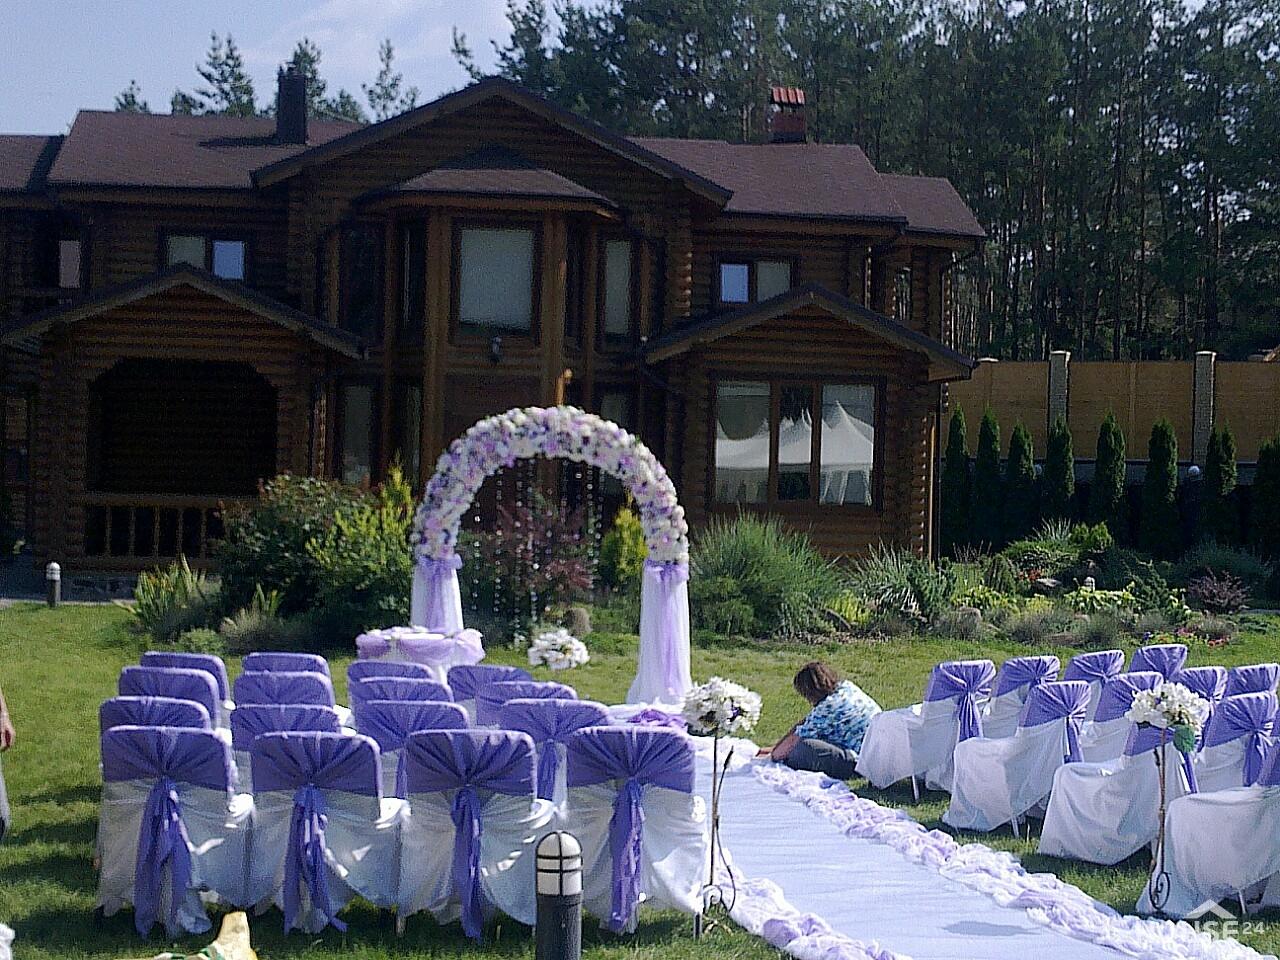 снять щагородный дом для свадьбы продажи турецкой